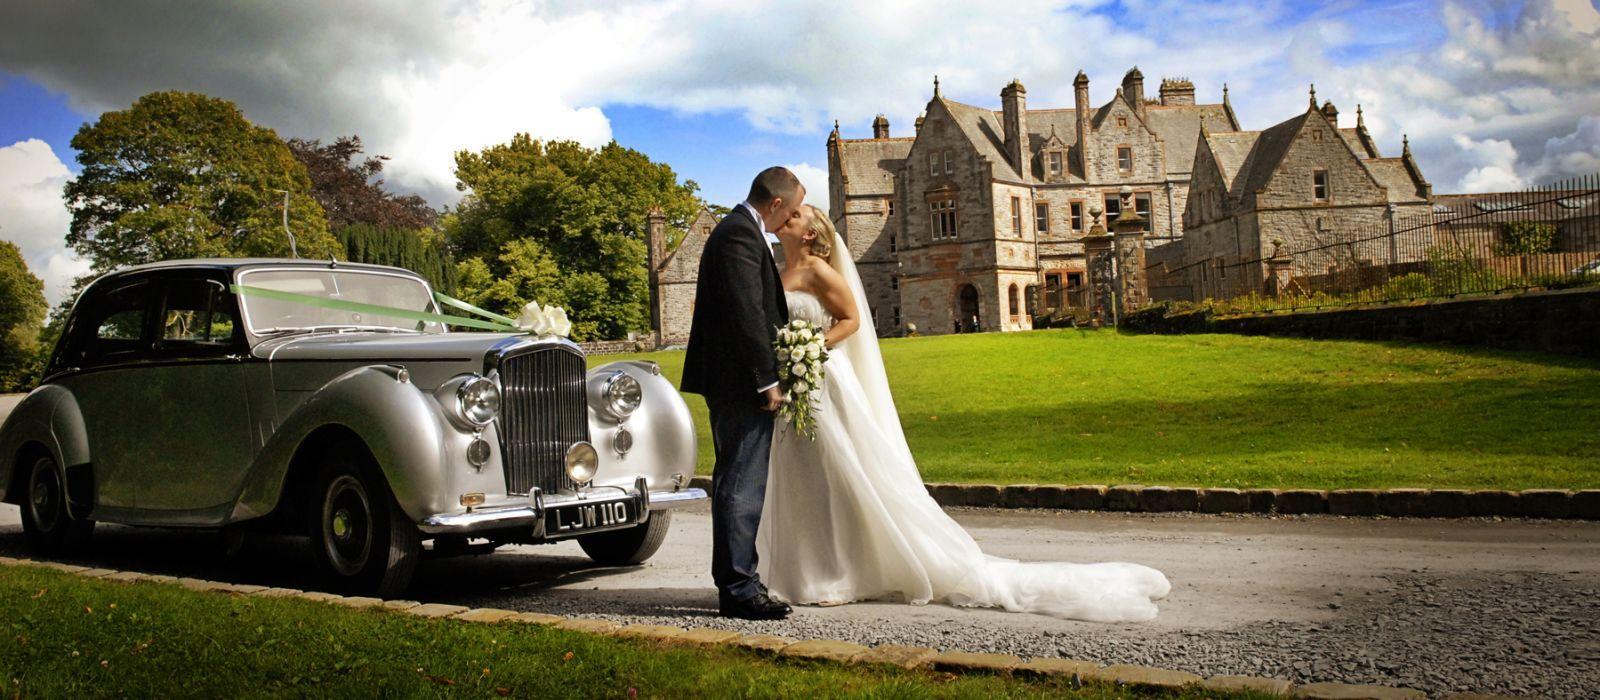 Bride groom outside castle leslie place pinterest perfect